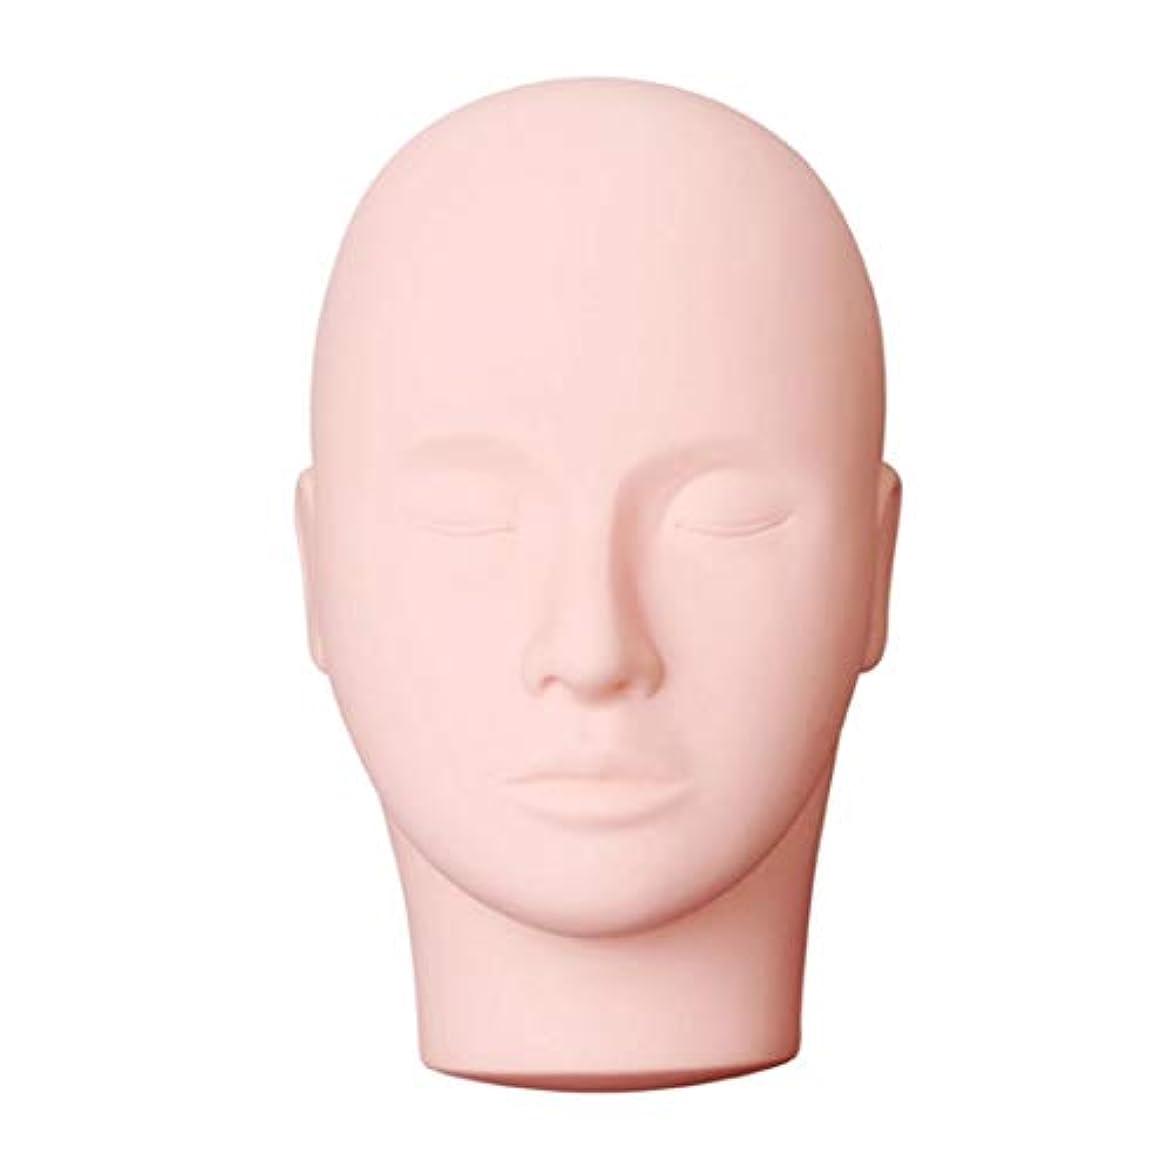 時々時々自殺取り付け美容メイクアップまつげ練習マネキンプロマッサージ化粧トレーニング美容マネキン人形顔頭モデル (色:黒) (PandaW)